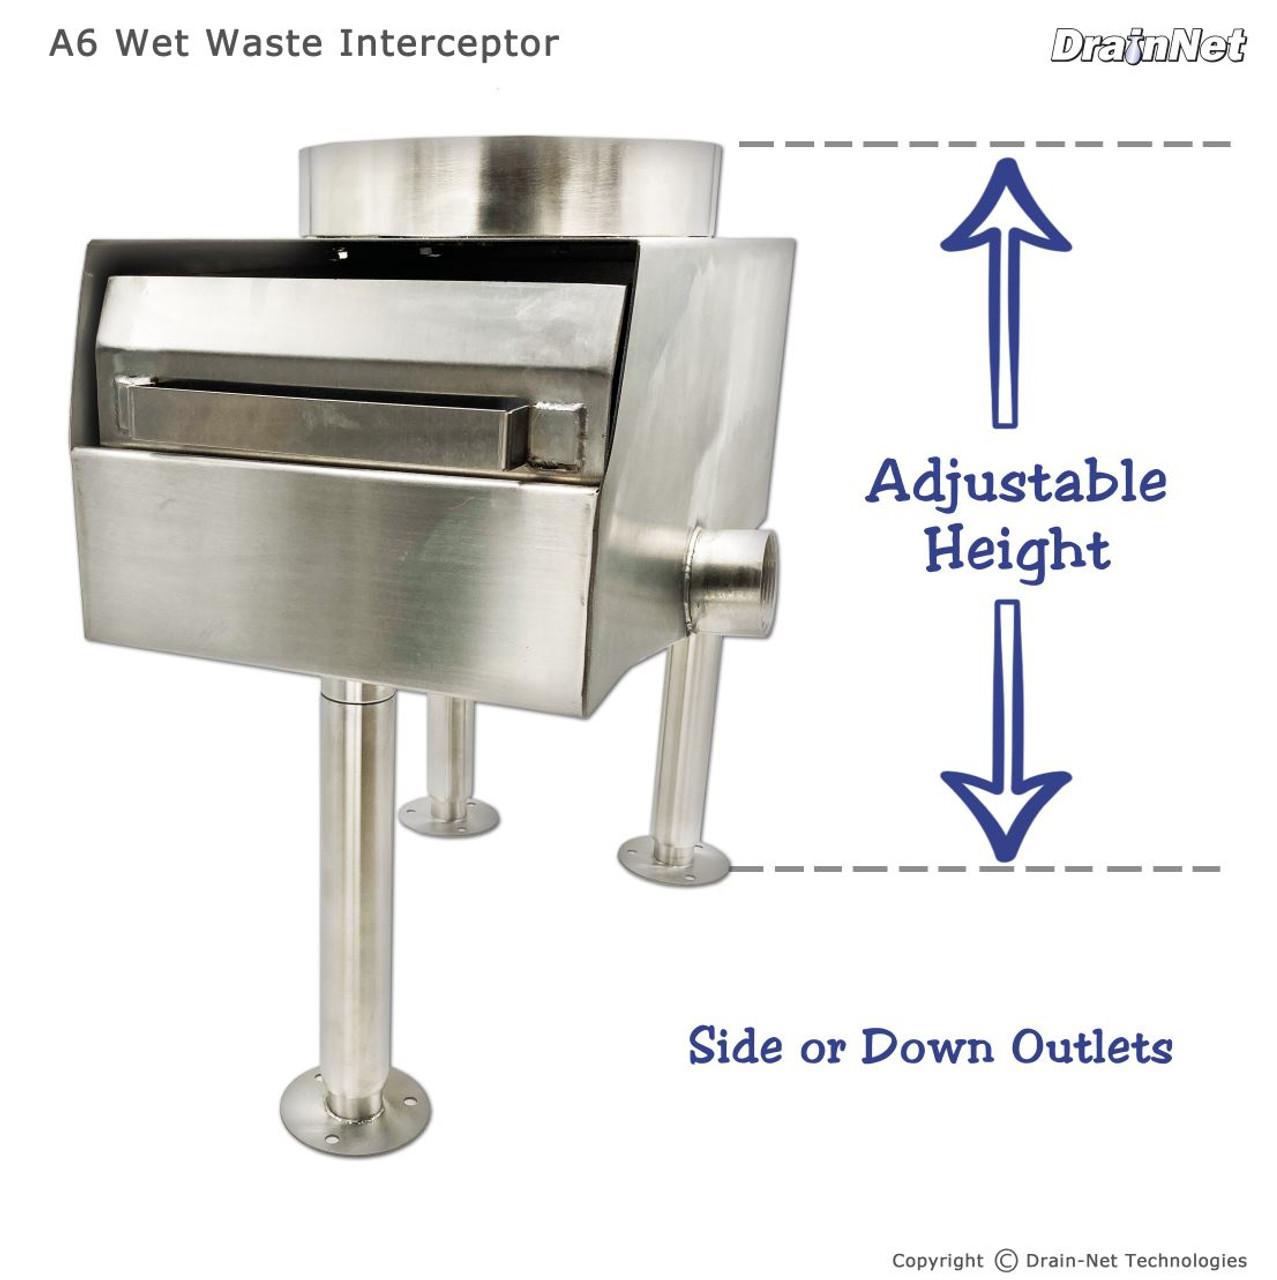 A6 Wet Waste Interceptor